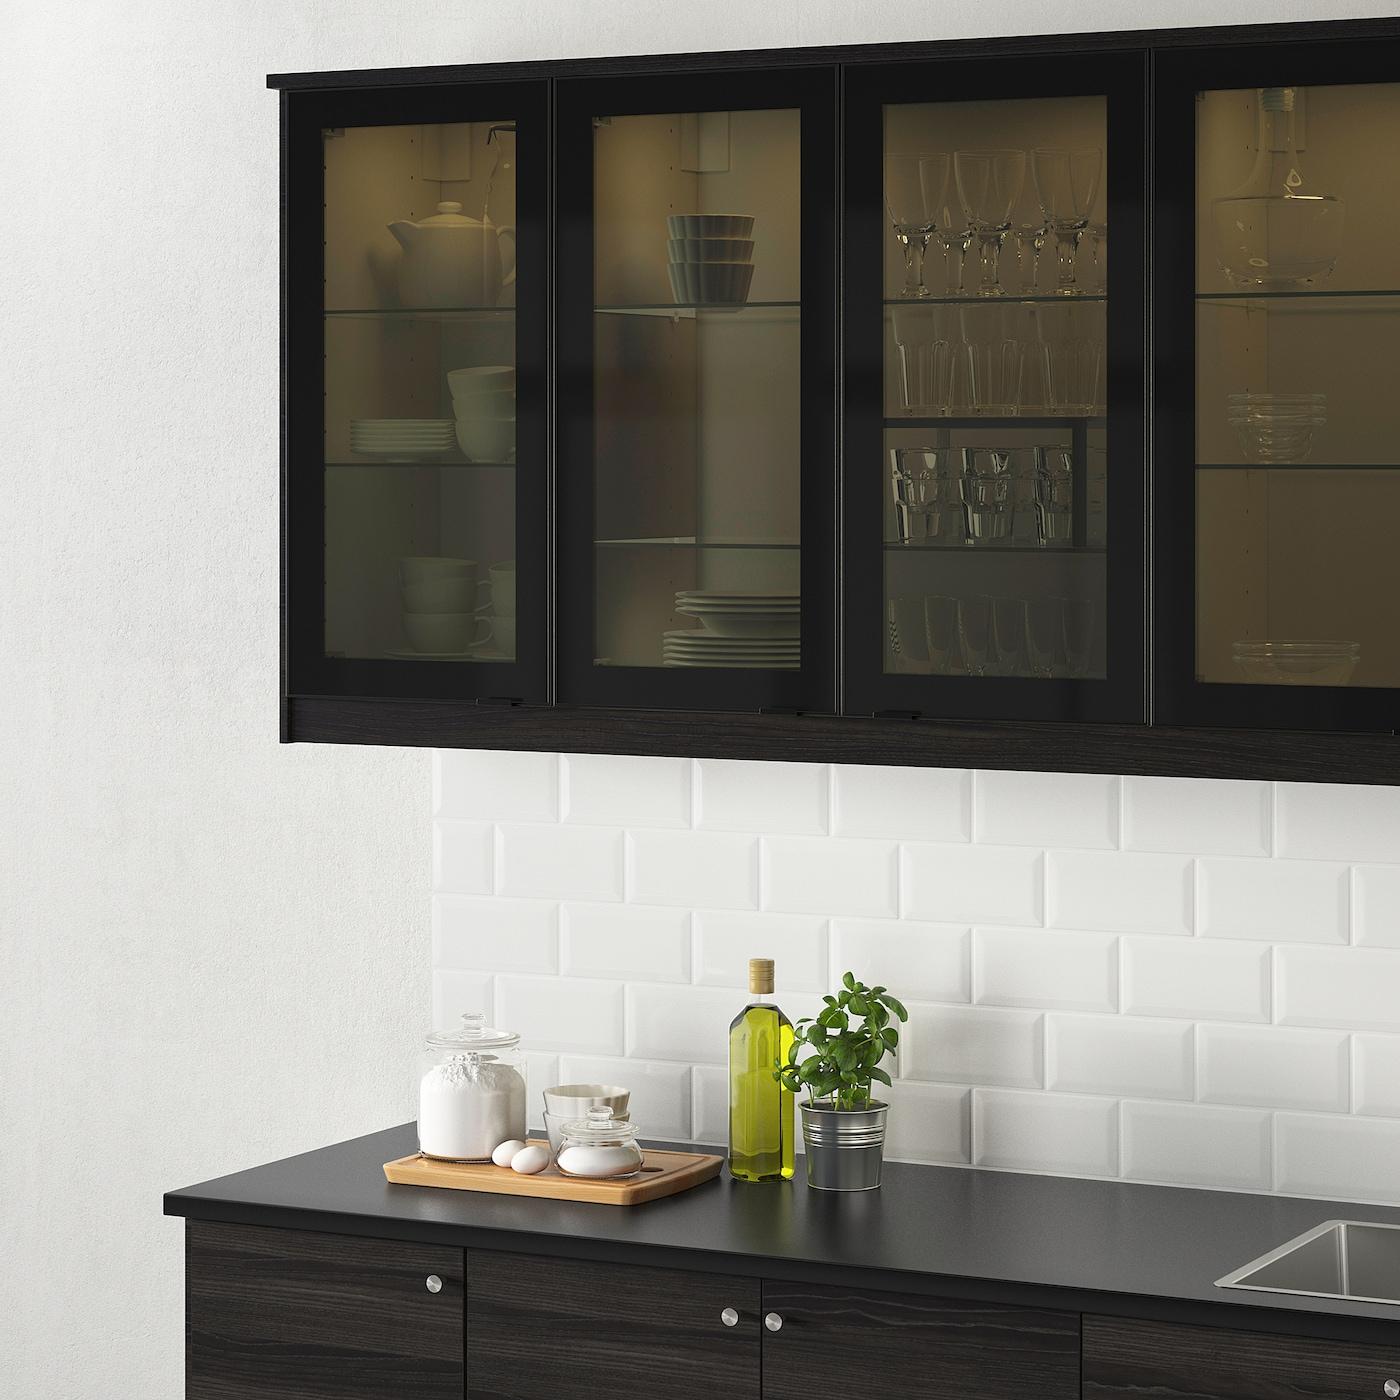 JUTIS Porte vitrée - verre fumé/noir 10x10 cm